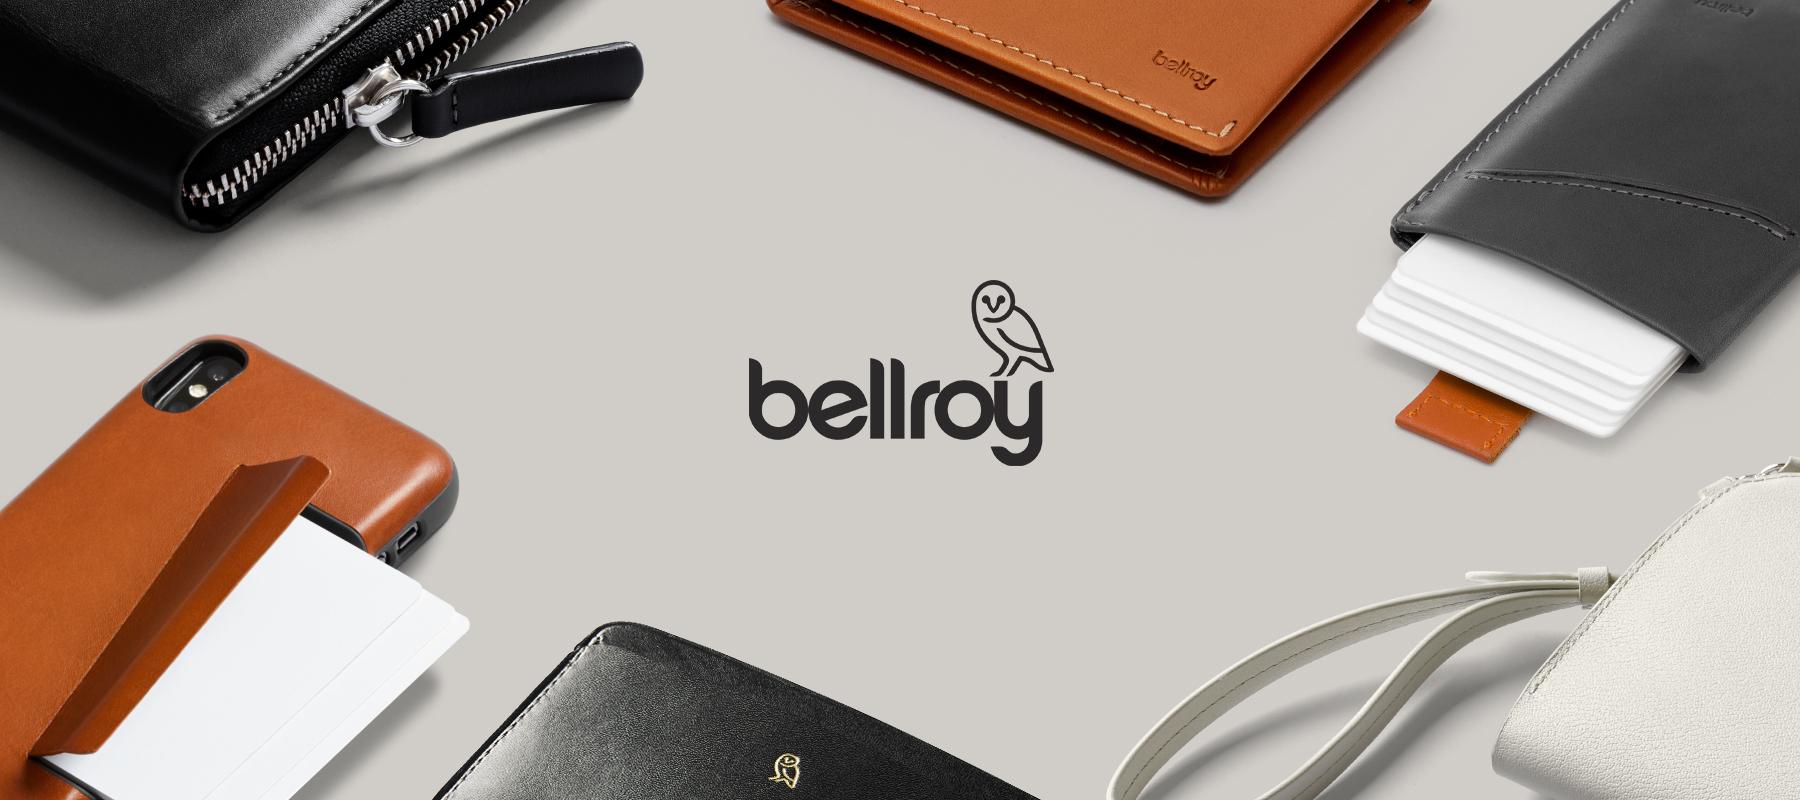 15 Euro Rabatt bei Bellroy - iPhone / Google Pixel 2 und 3 Leder-Schutzhüllen (24 Euro / 30 Euro) sowie Brieftaschen und Taschen